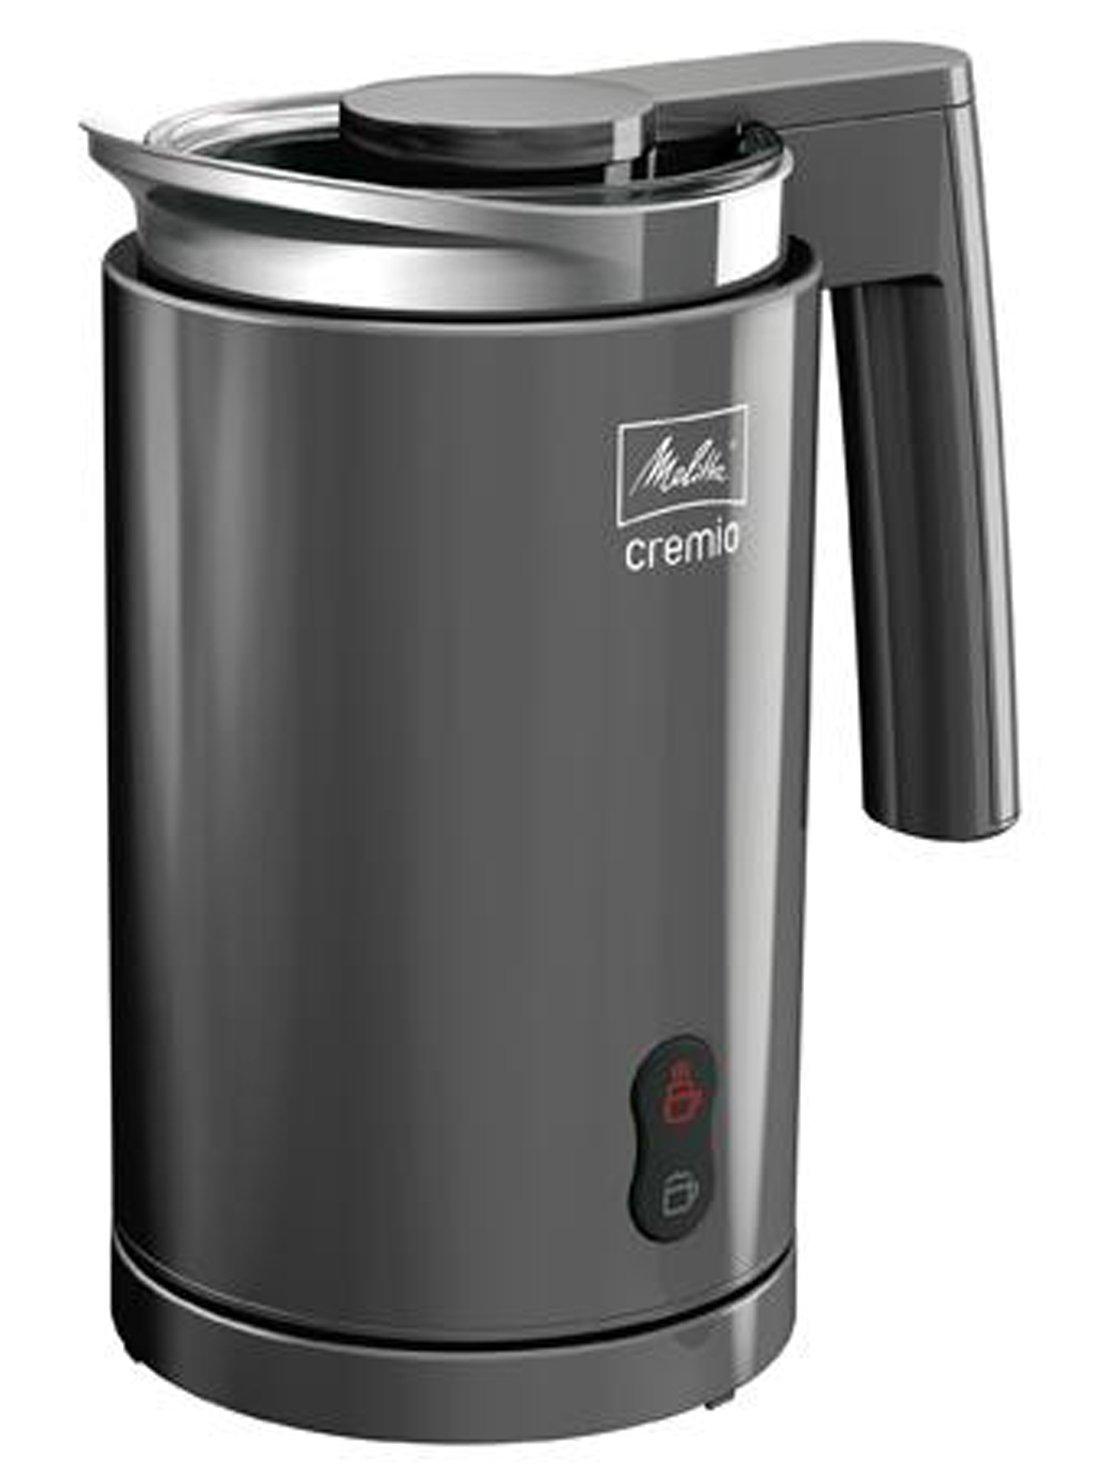 Melitta 100501 gr Milchaufschäumer Cremio für kalte und warme Milch, anthrazitgrau Überprüfung und weitere Informationen